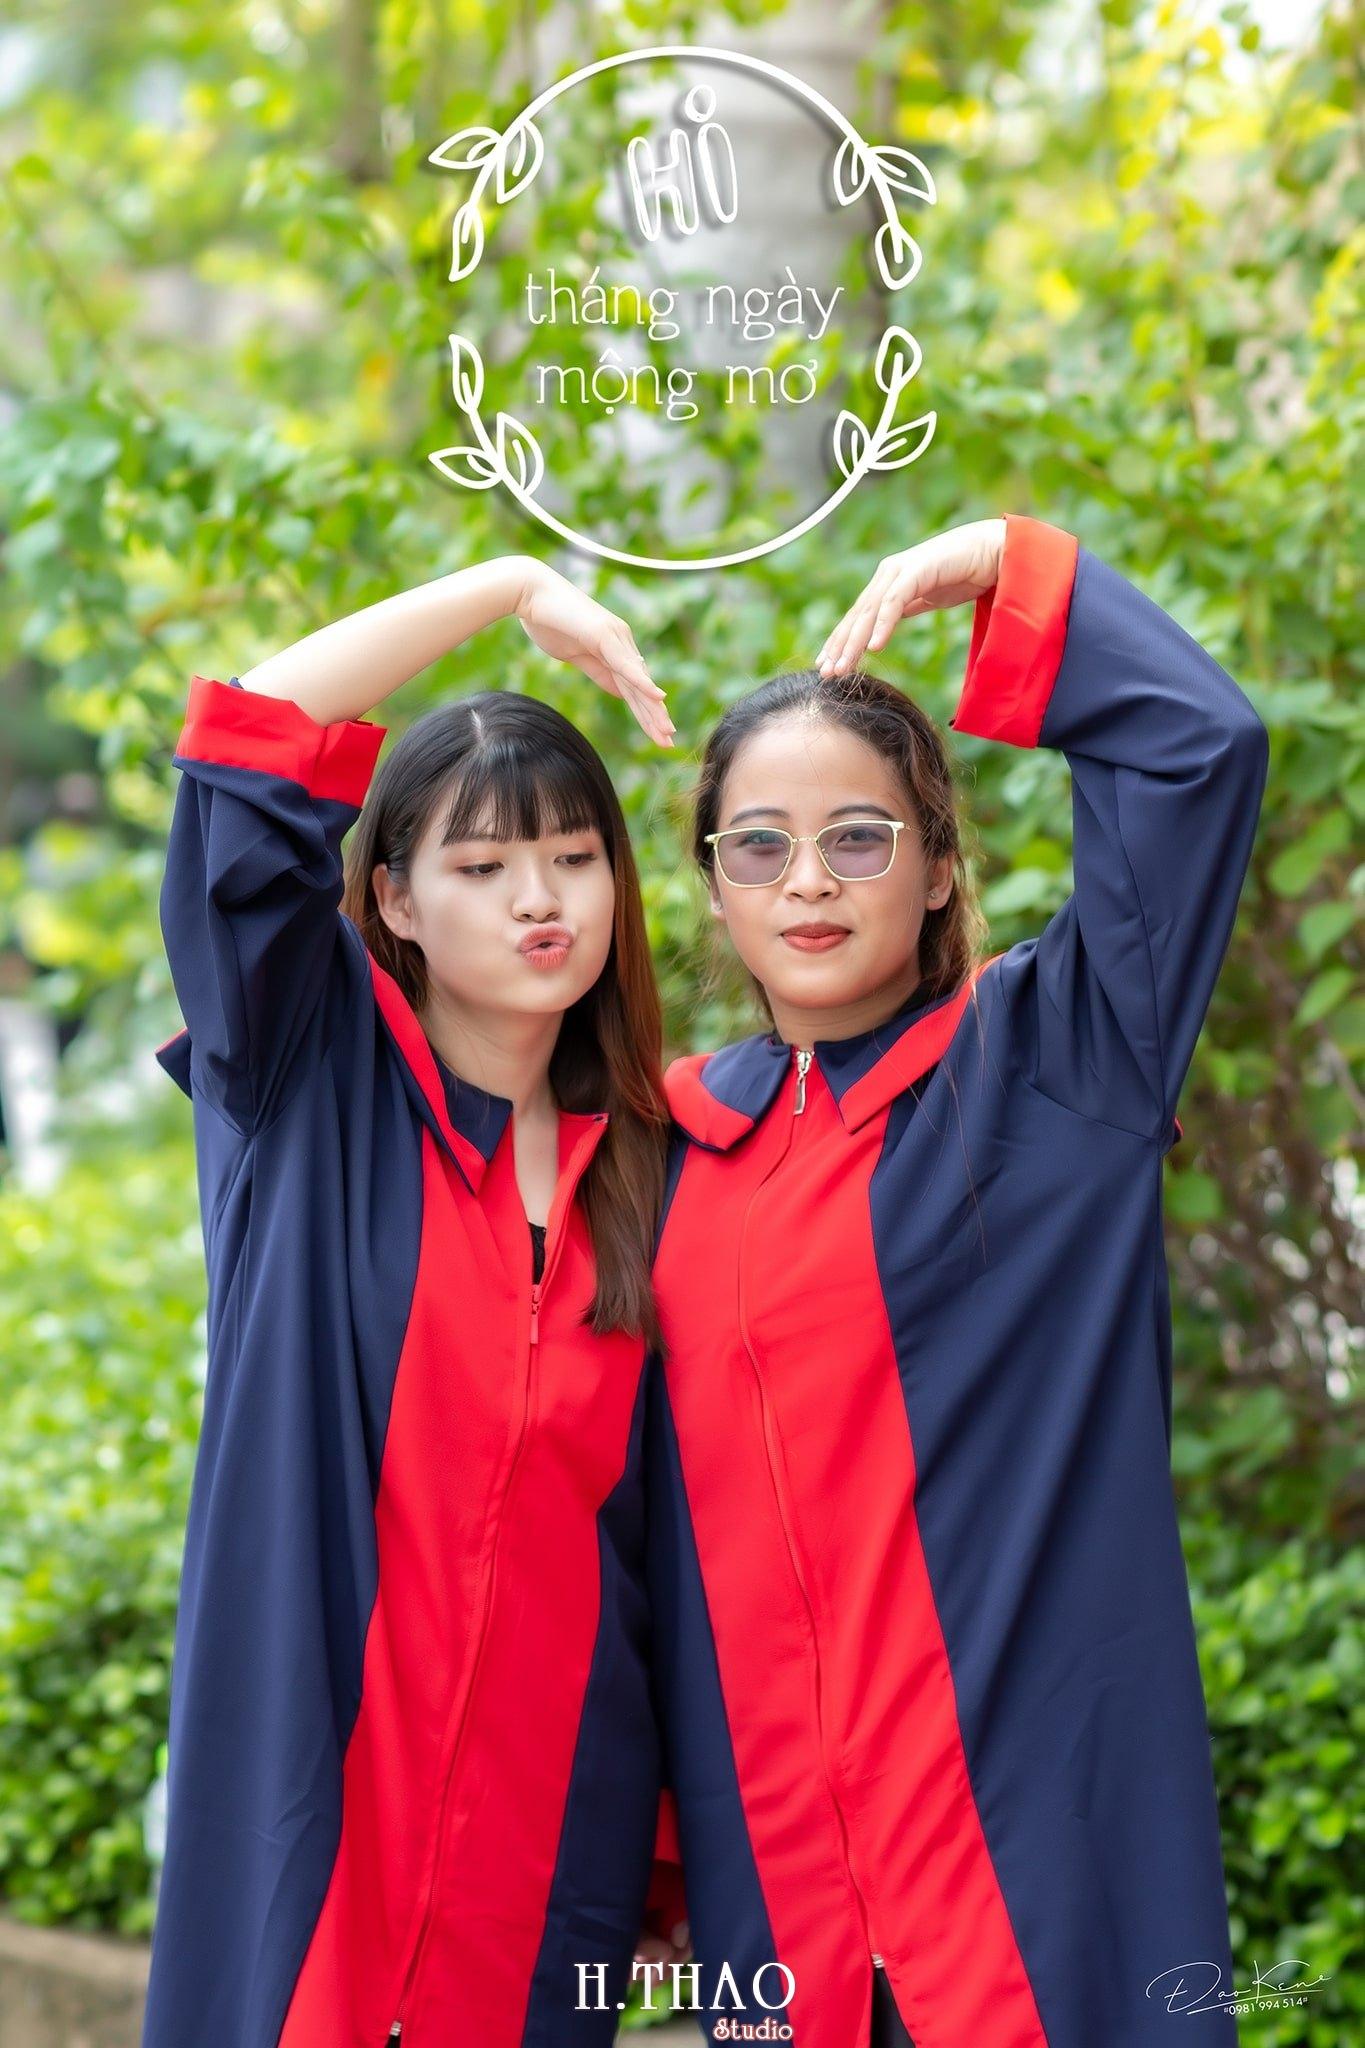 """Ky yeu lop 17C7 5 min - Bộ ảnh kỷ yếu """"siêu chất"""" của sinh viên HuTech - HThao Studio"""